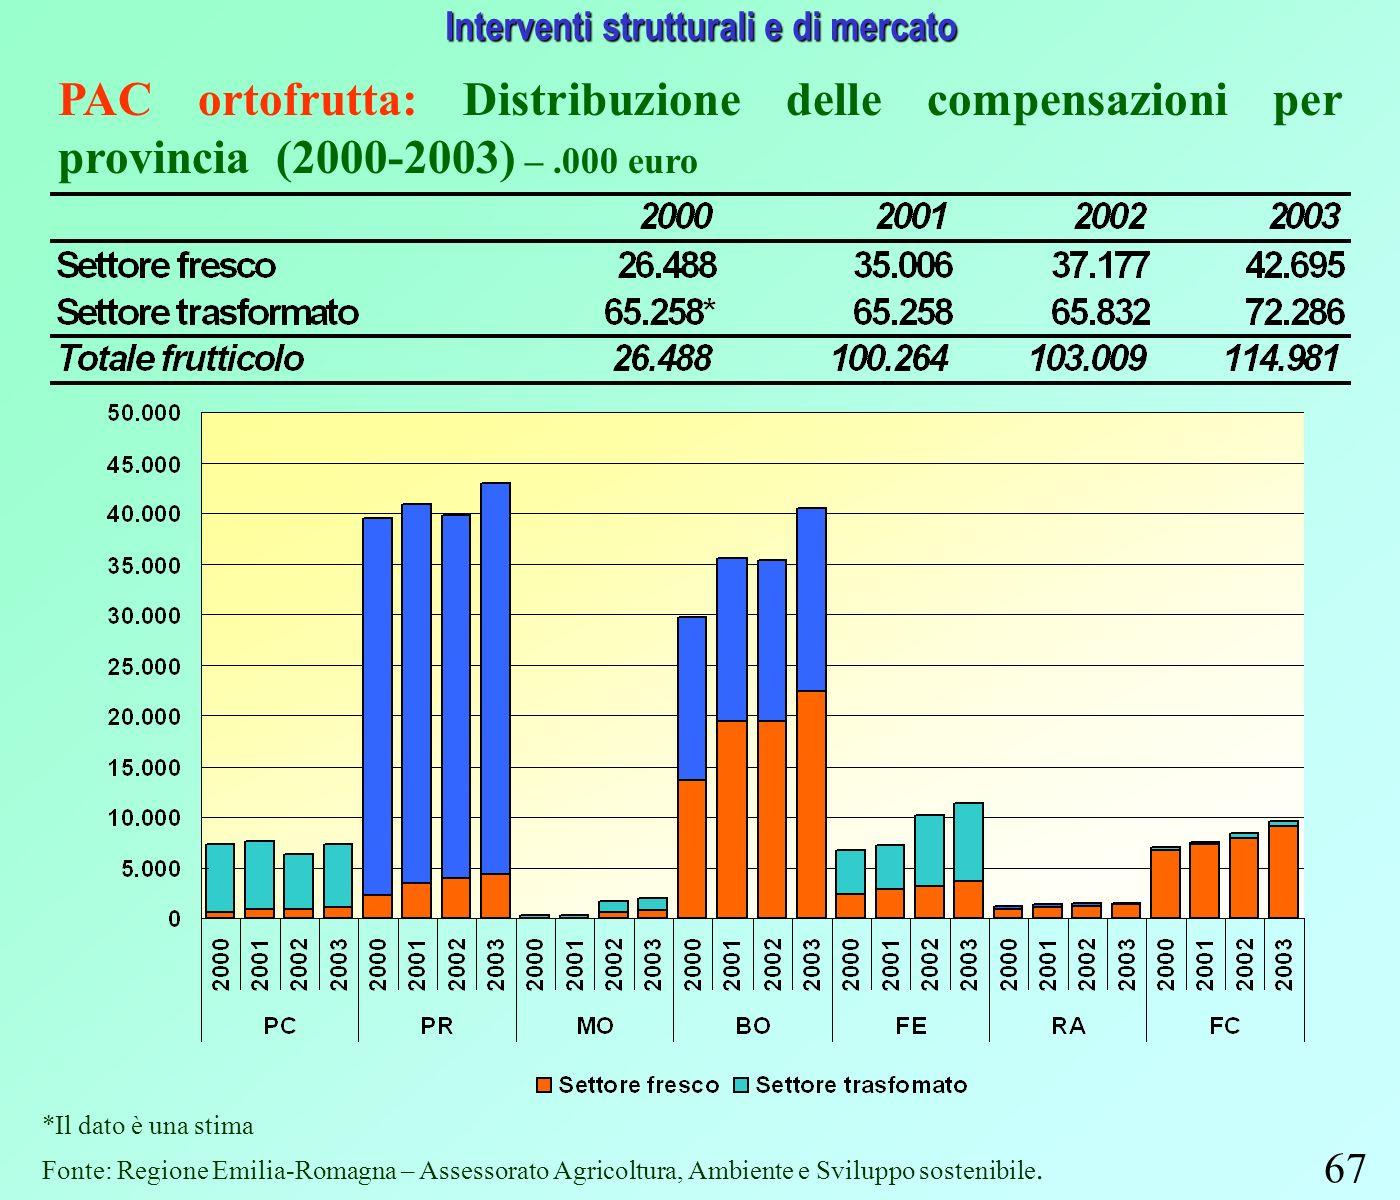 67 Interventi strutturali e di mercato PAC ortofrutta: Distribuzione delle compensazioni per provincia (2000-2003) –.000 euro *Il dato è una stima Fonte: Regione Emilia-Romagna – Assessorato Agricoltura, Ambiente e Sviluppo sostenibile.